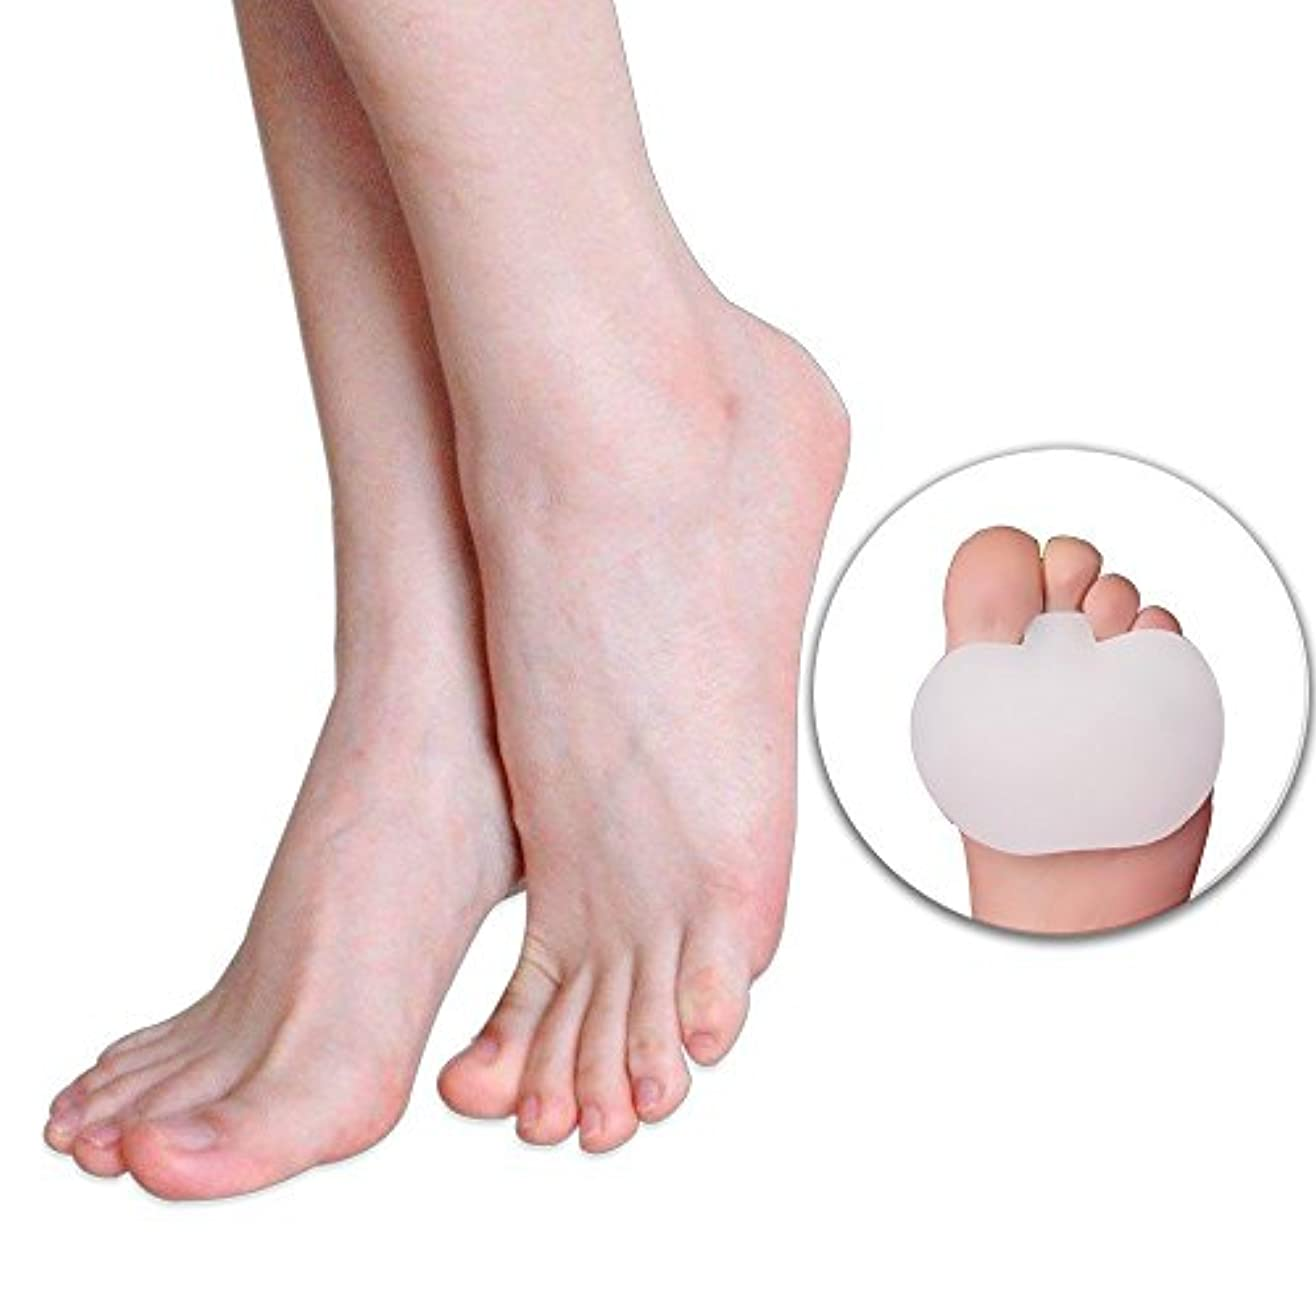 ユニークなファイター取得フットマッサージ 前足パット足のケア、ゲルソックス、つま先、シリコン、外反母趾矯正、ゲル中足骨パッド、足クッションのボール、前足のケア、痛みの足の痛み、外反、外反母趾